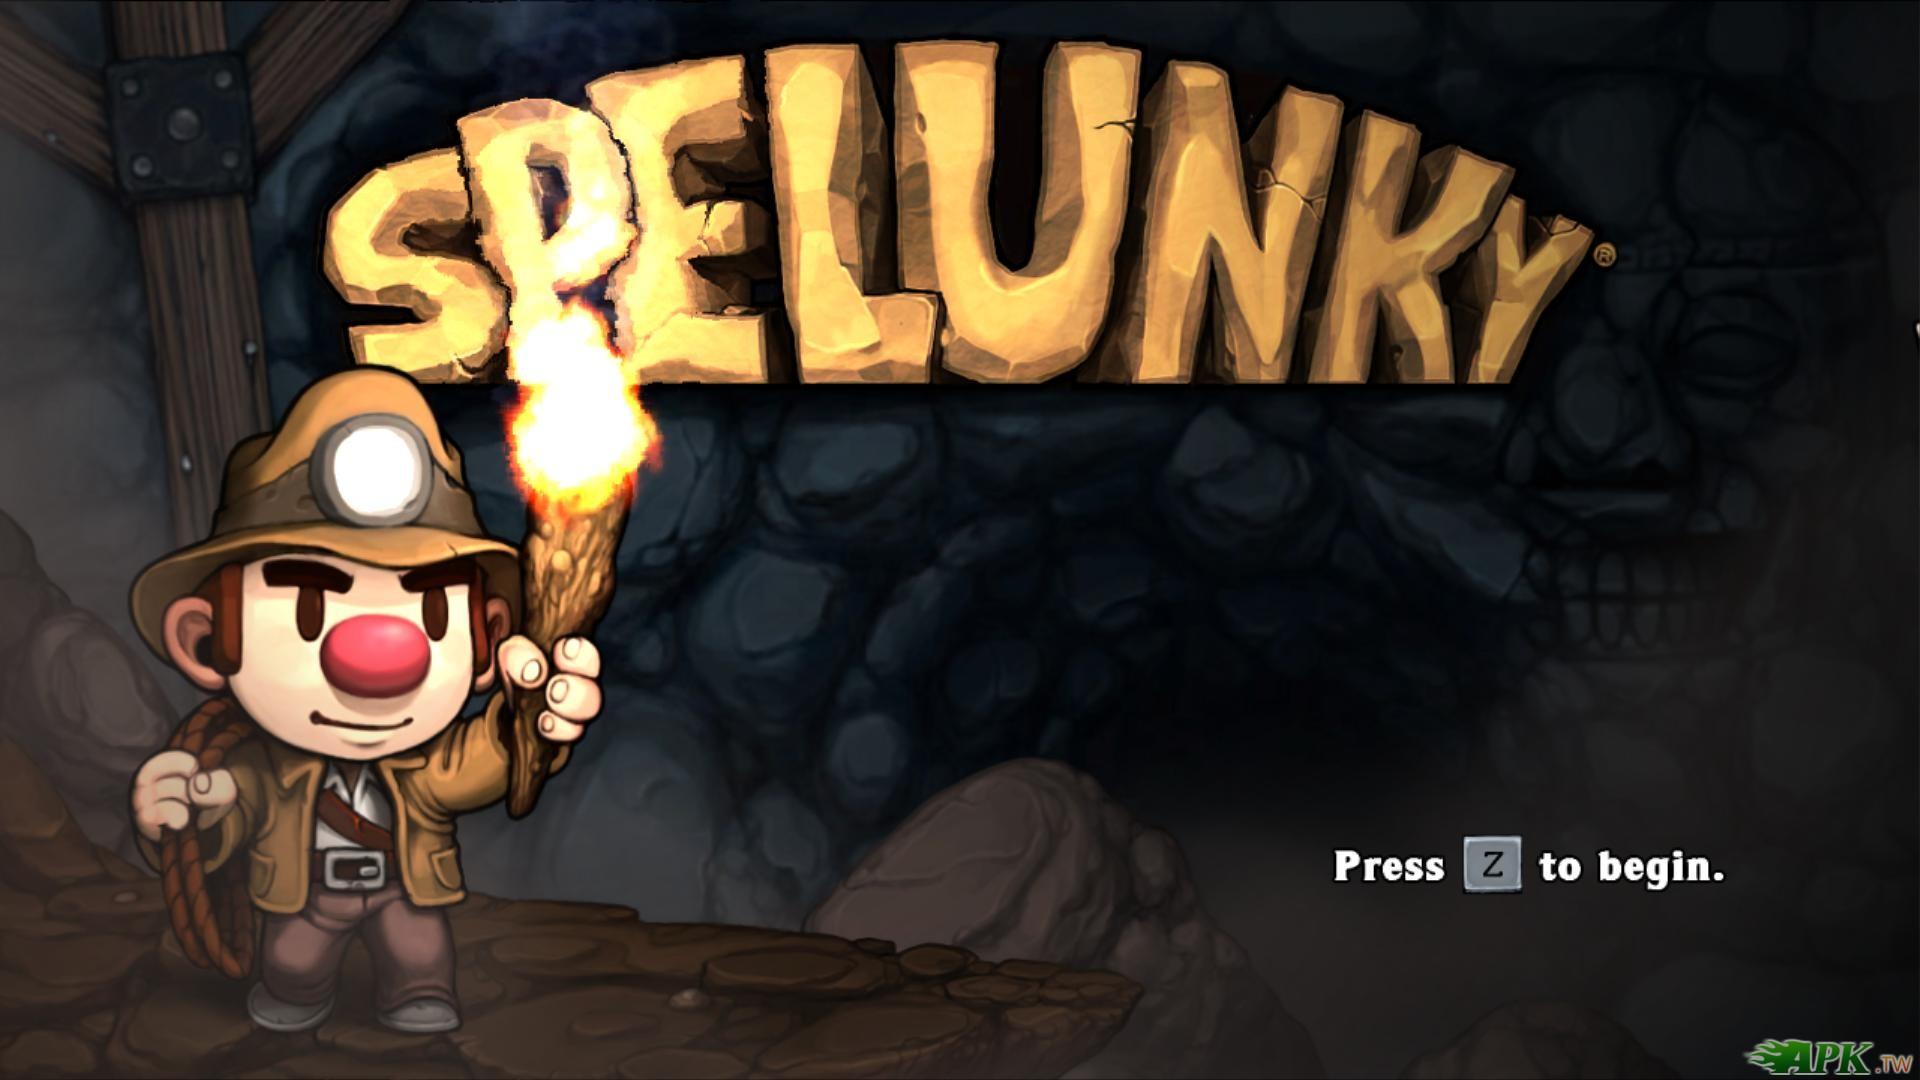 spelunky-2013mac-screenshot-1.jpg